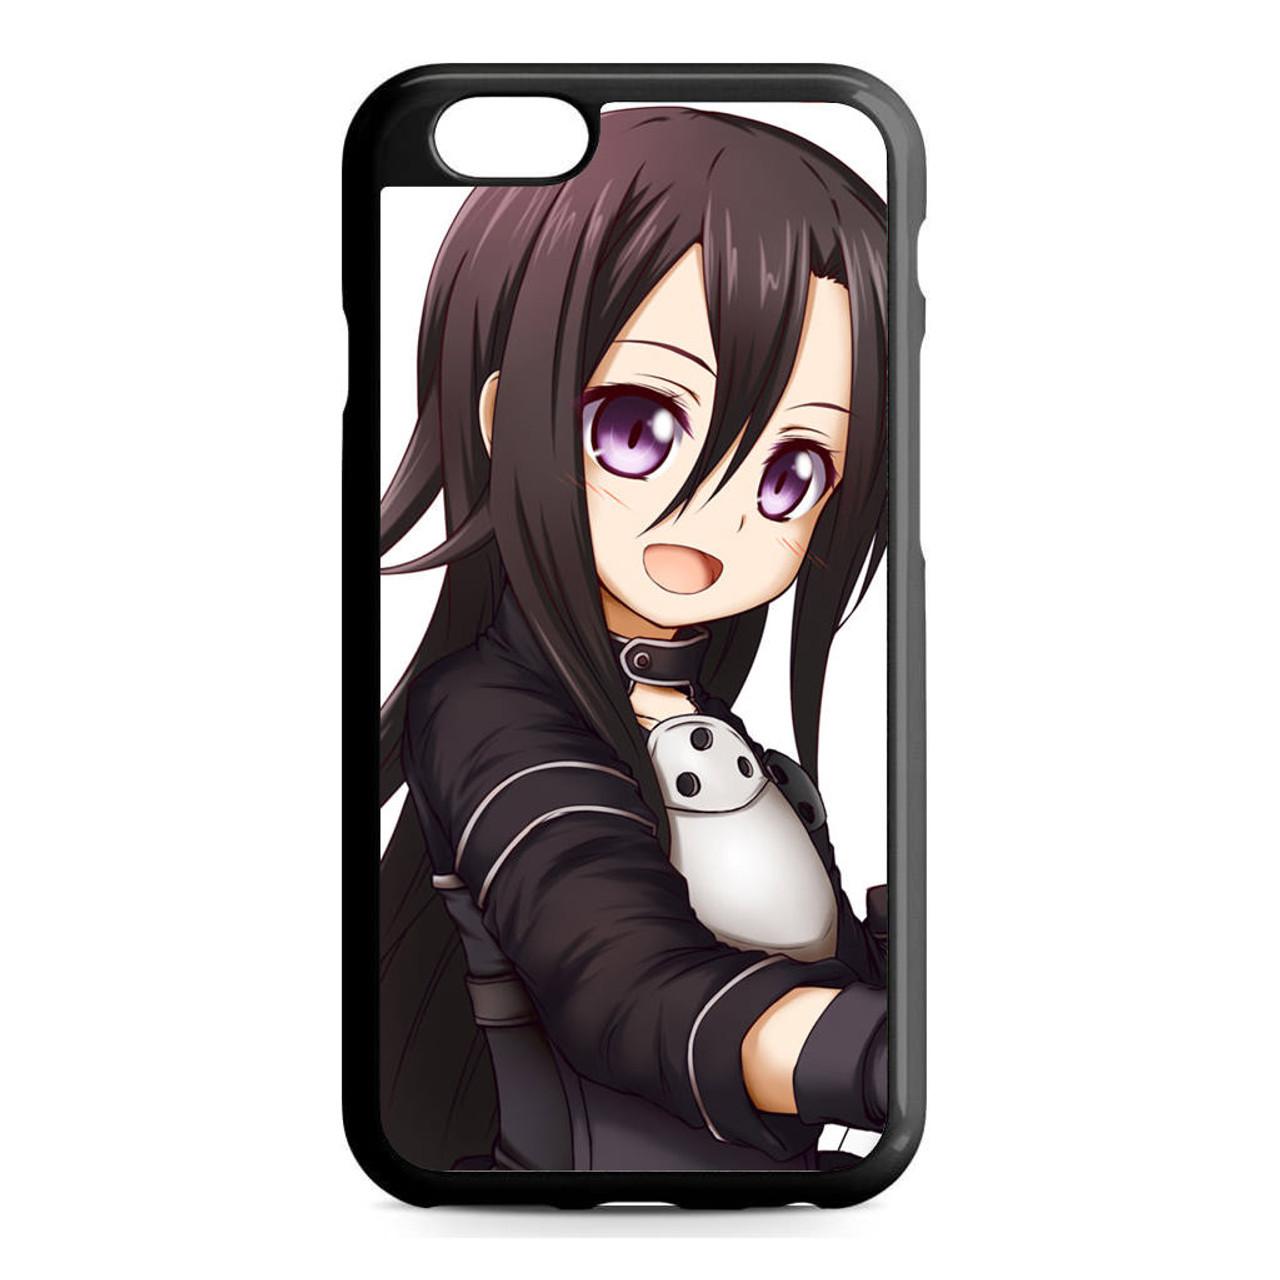 sword art online iphone 6 case